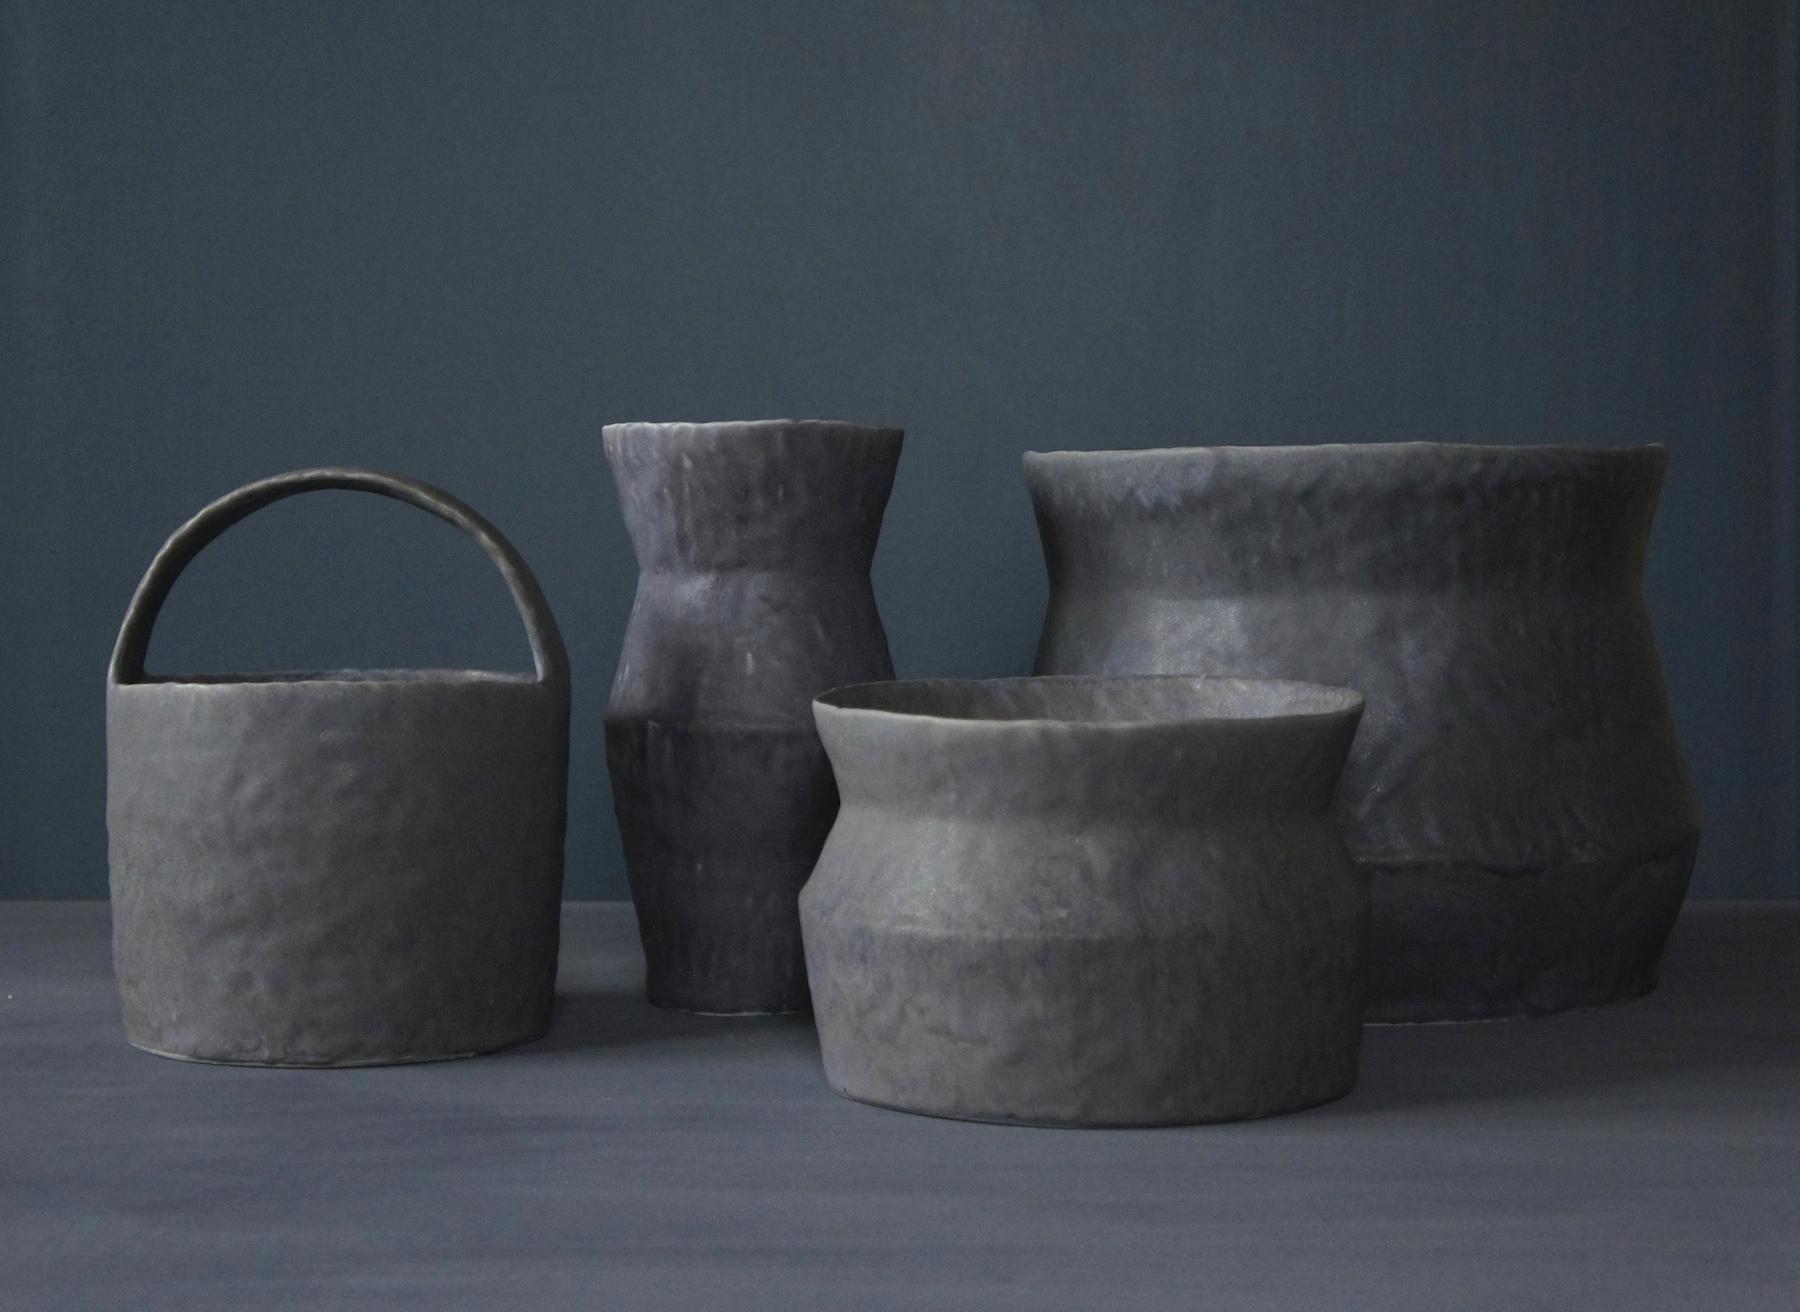 Slate Grey Vessels